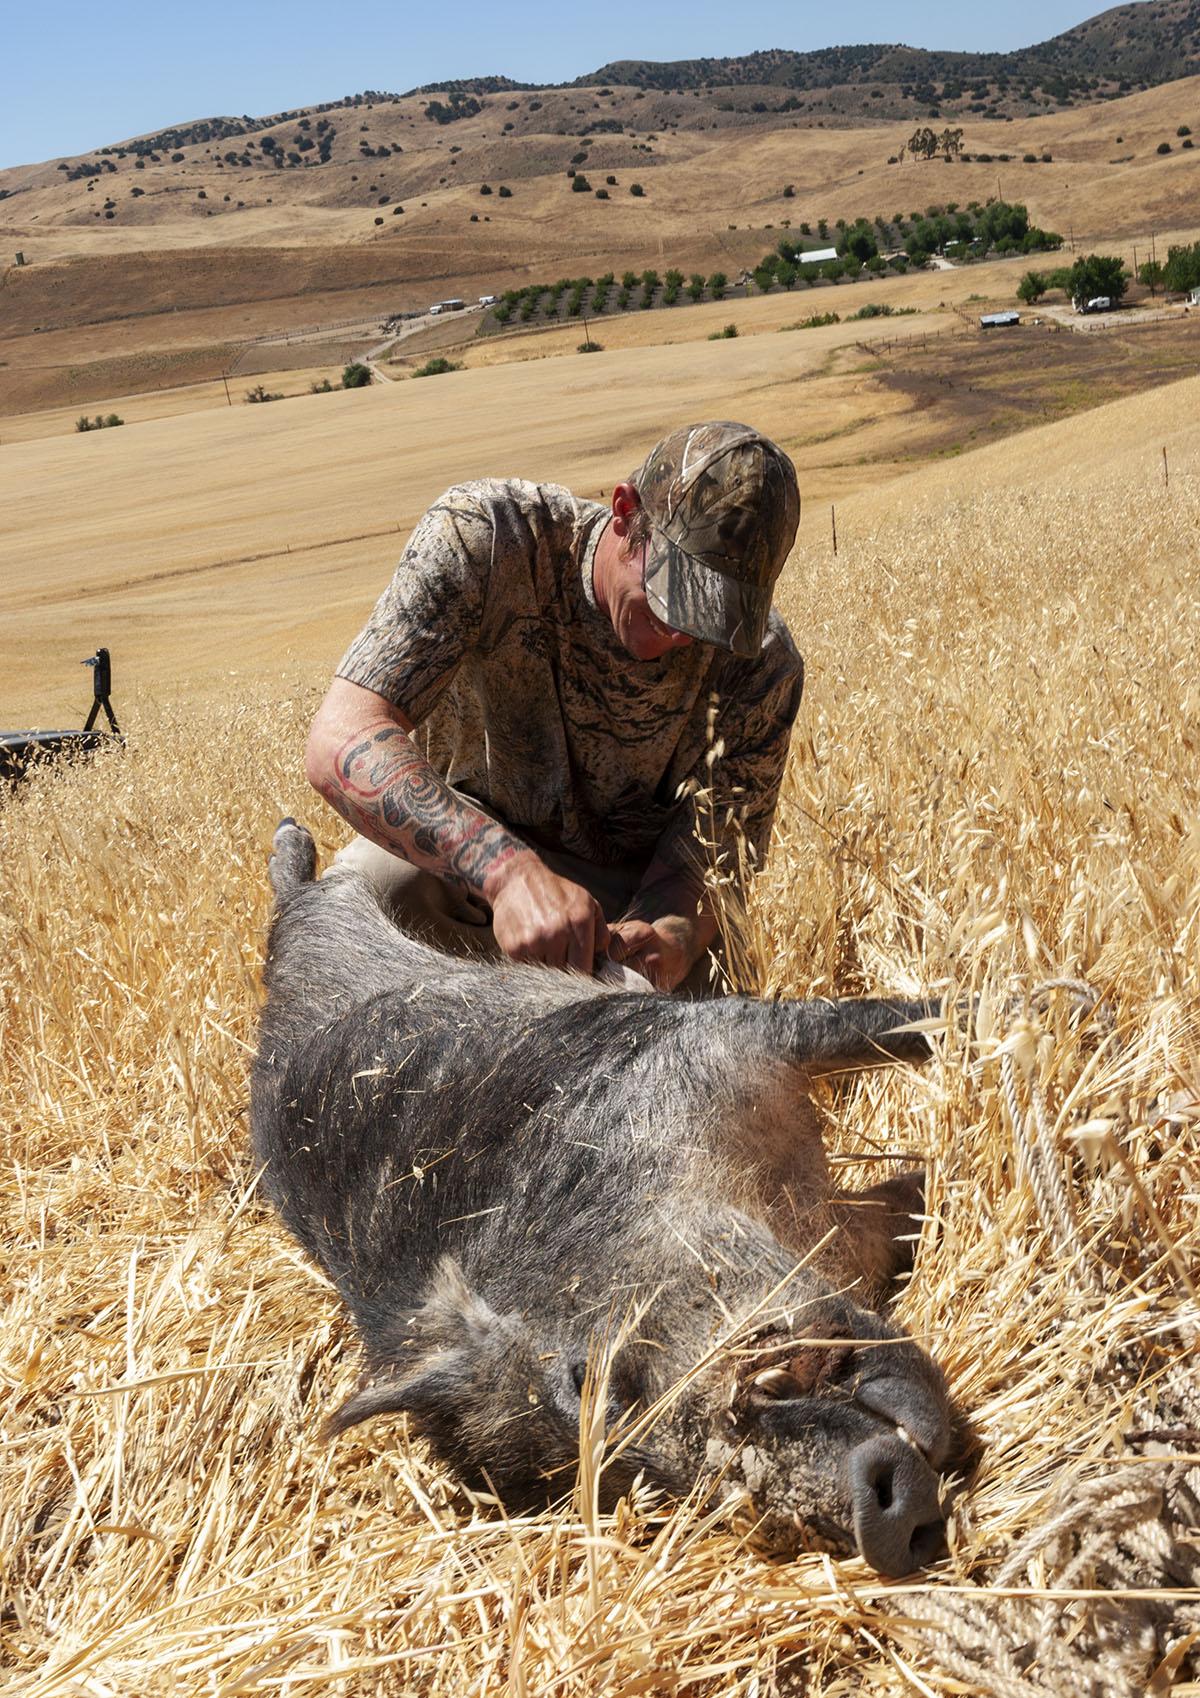 A hunter begins field dressing a pig